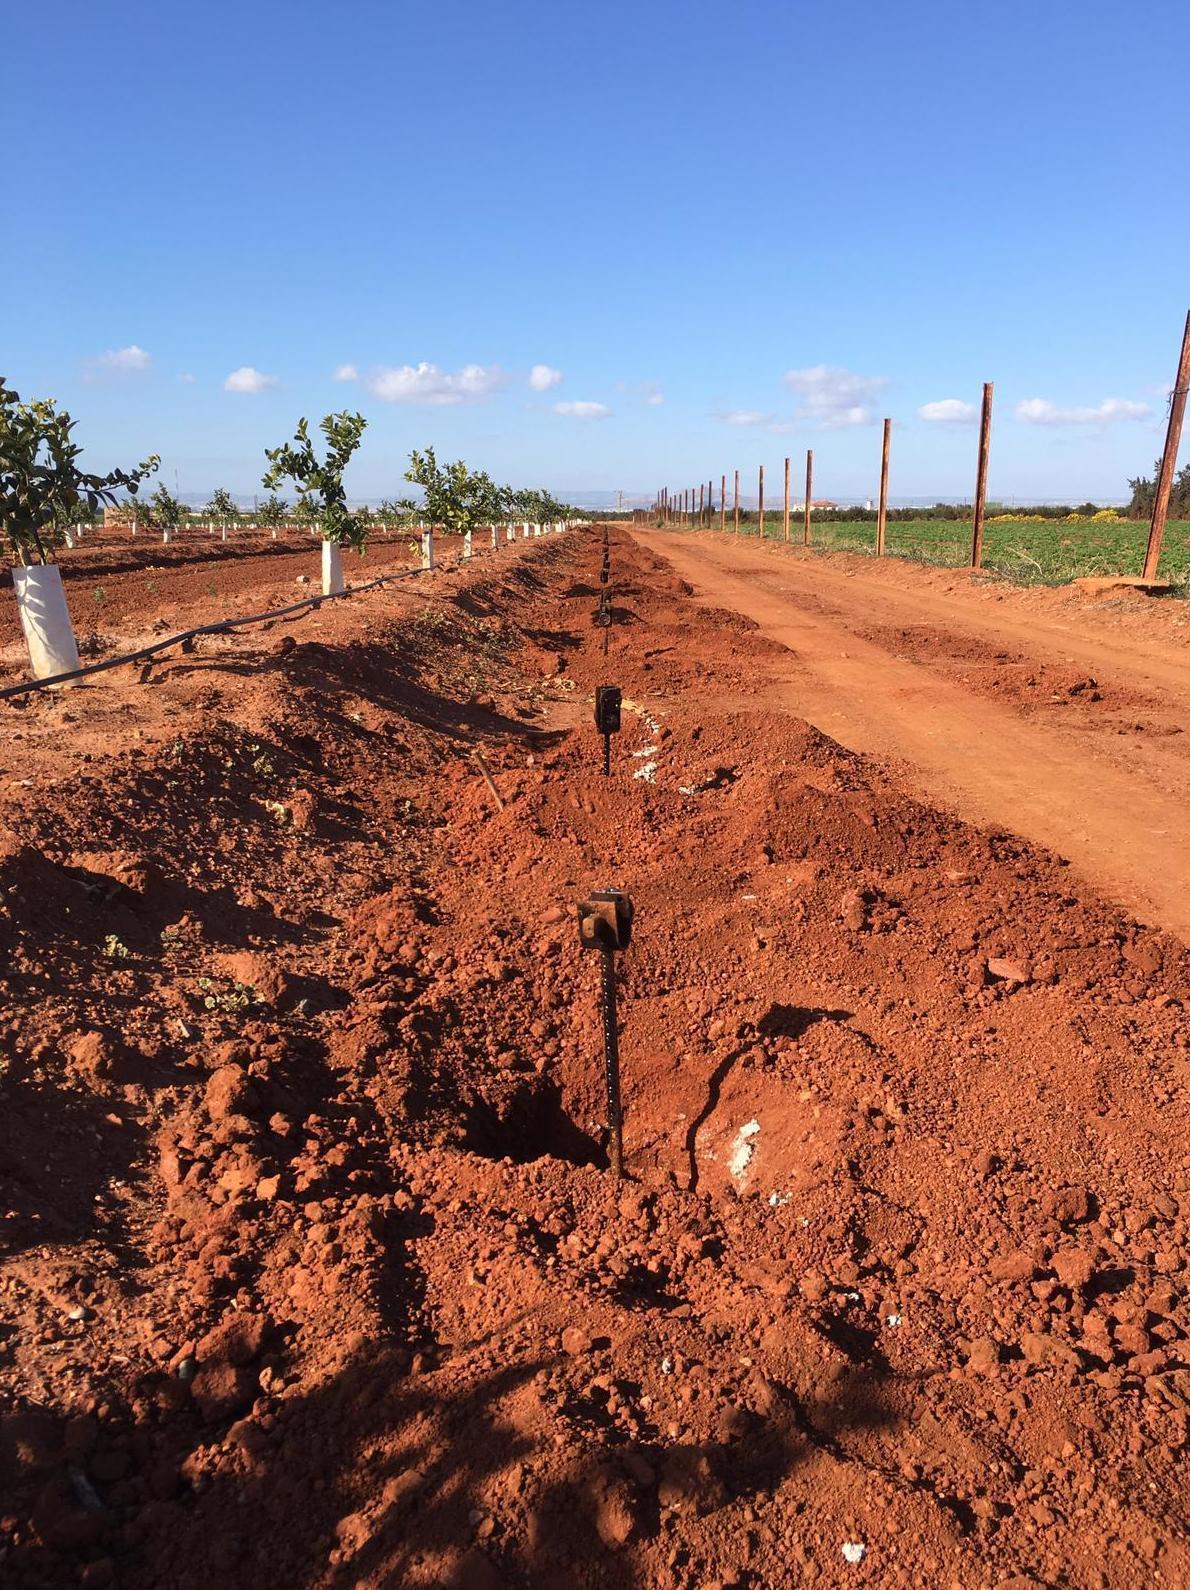 Foto 10 de Infraestructuras y trabajos agrícolas en La Murada – Orihuela | Mantenimiento y Estructuras Agrícolas Mateo e Hijo, S.L.